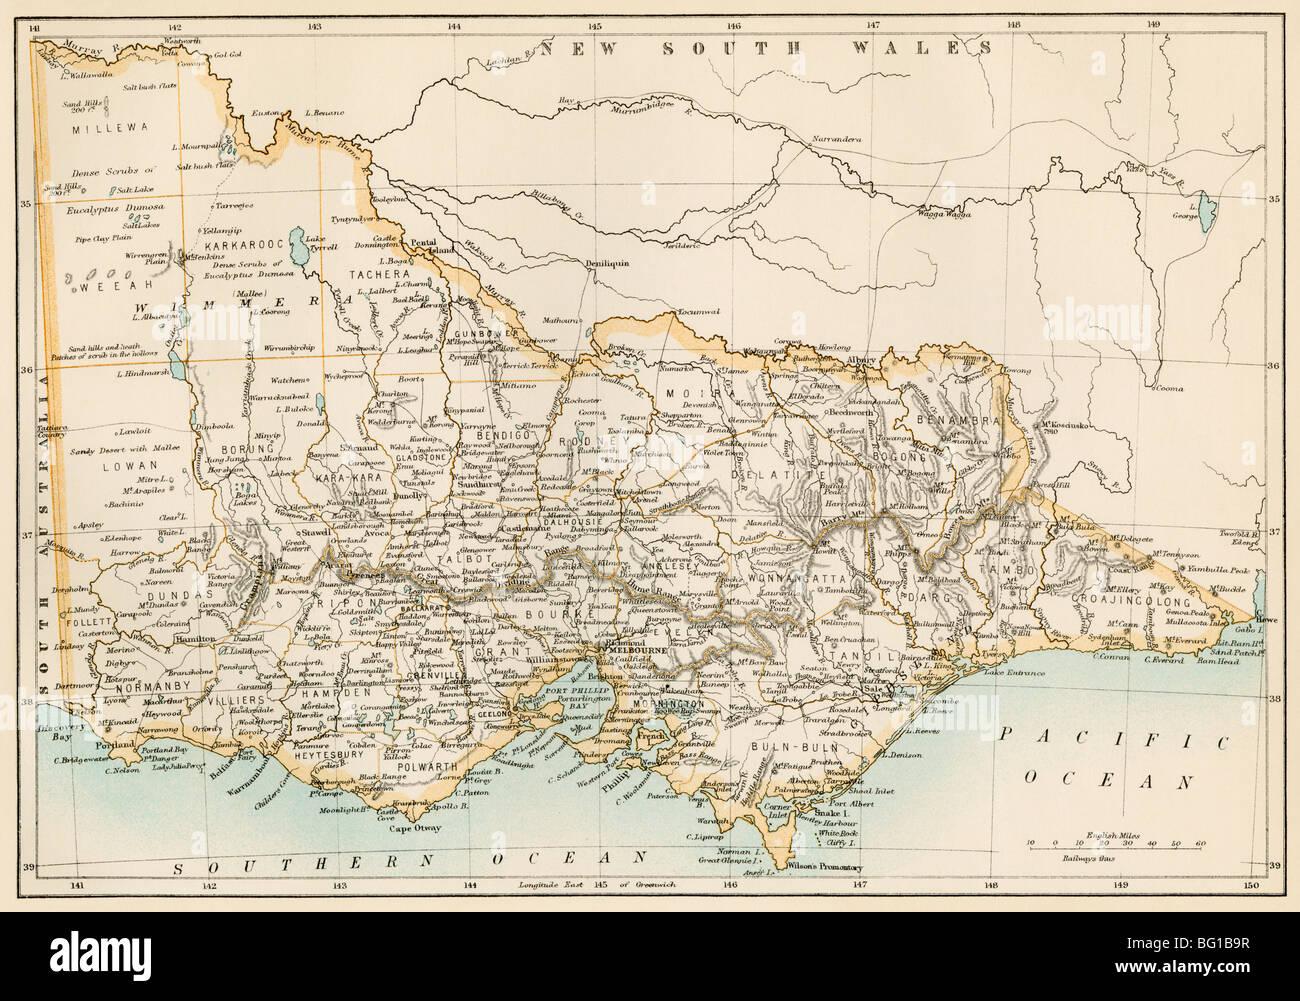 Mapa de Victoria, Australia, 1870. Litografía de color Imagen De Stock